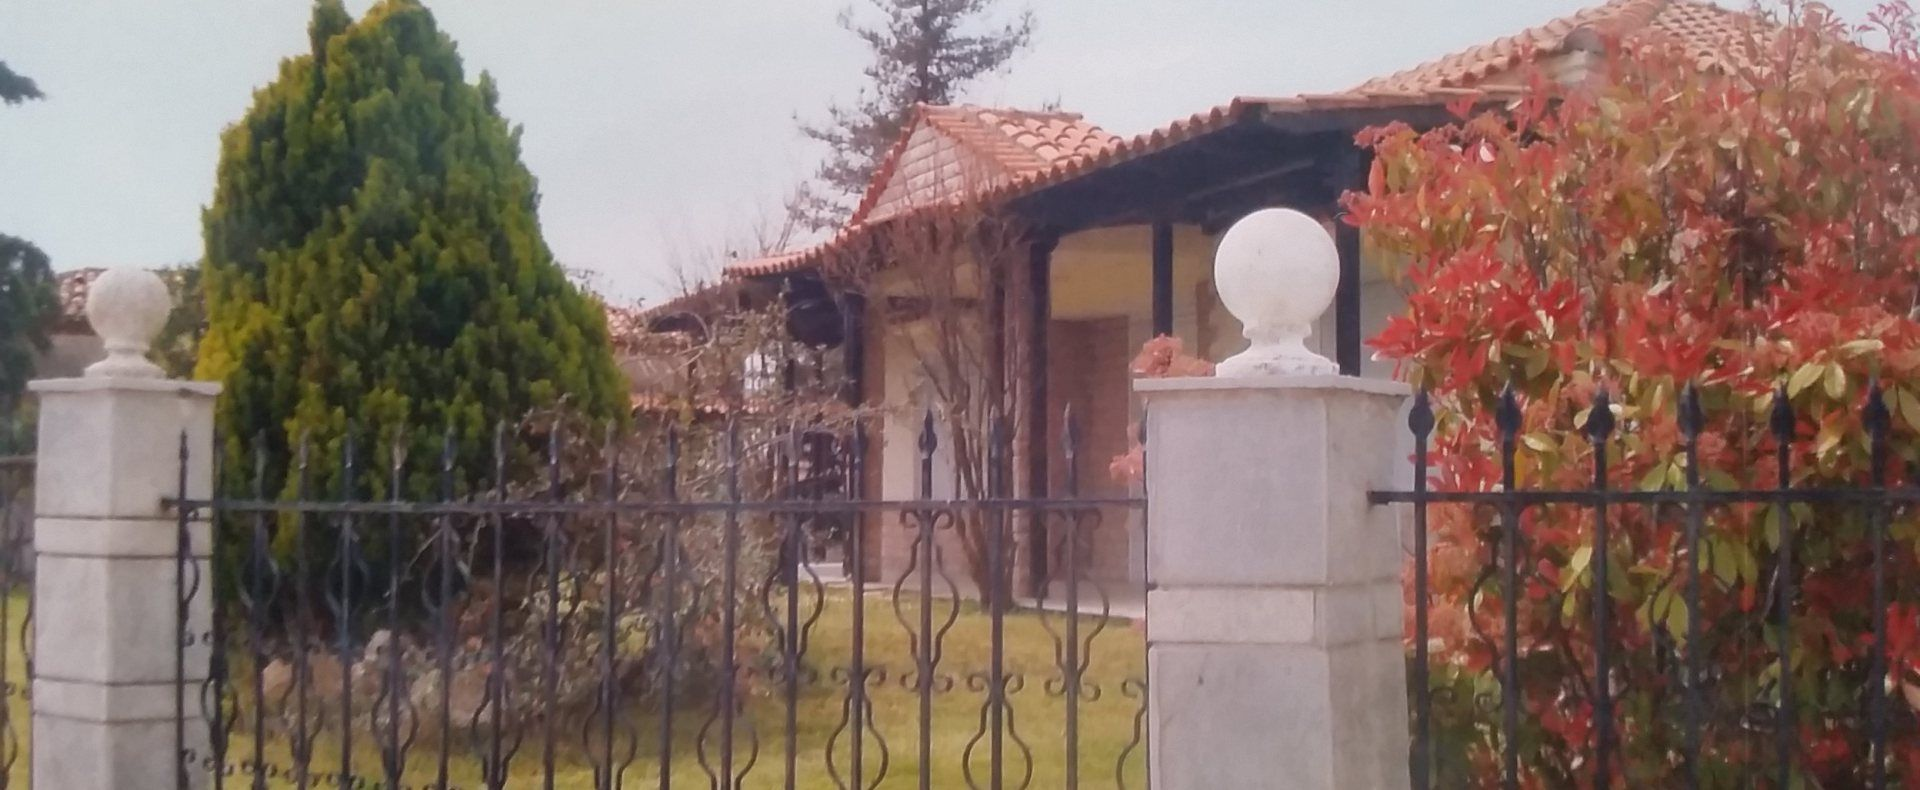 Πωλείται μονοκατοικία 110 τμ στο Φανάρι Ροδόπης